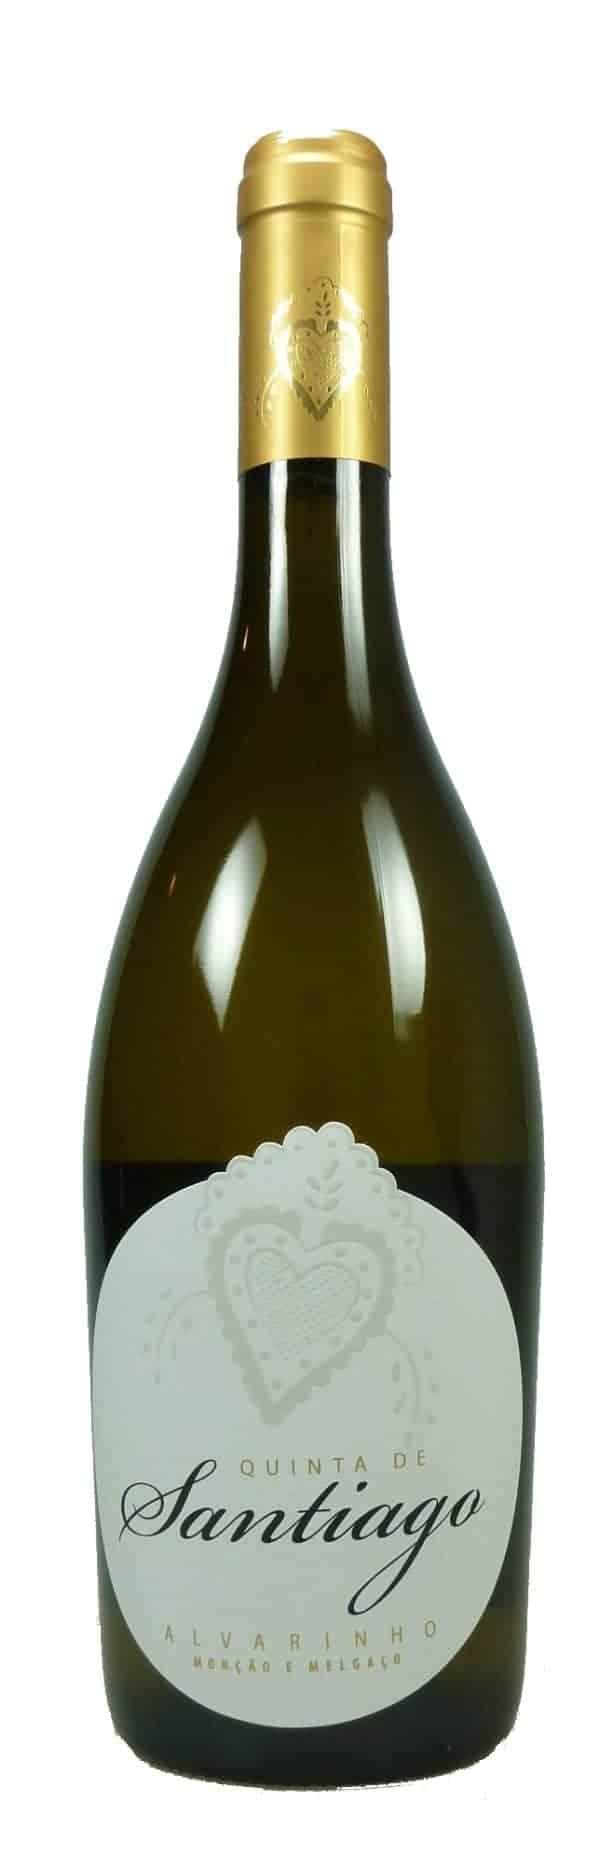 6 Flaschen 2019 Alvarinho